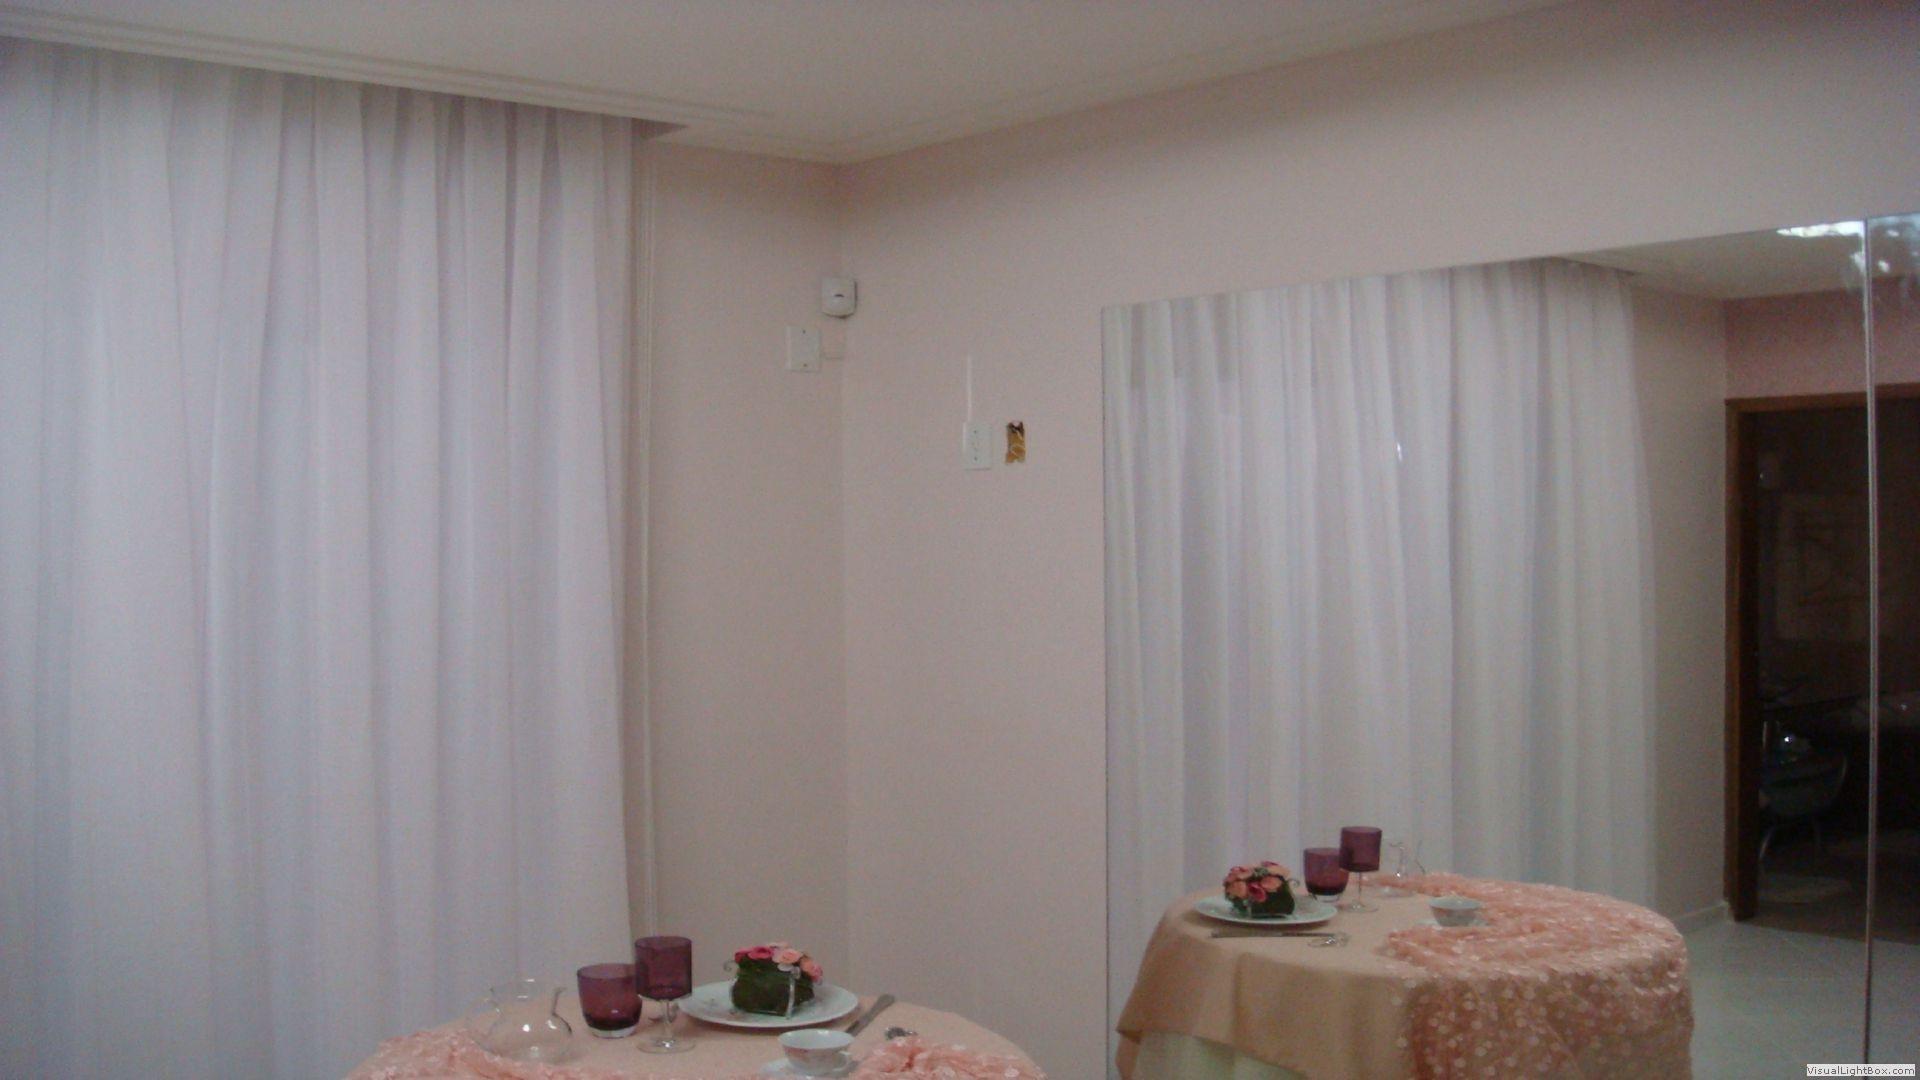 #271C18 cortina sala de estar capas para sofá cortina varão sala de estar 1920x1080 píxeis em Cortinas Chiques Para Sala De Estar